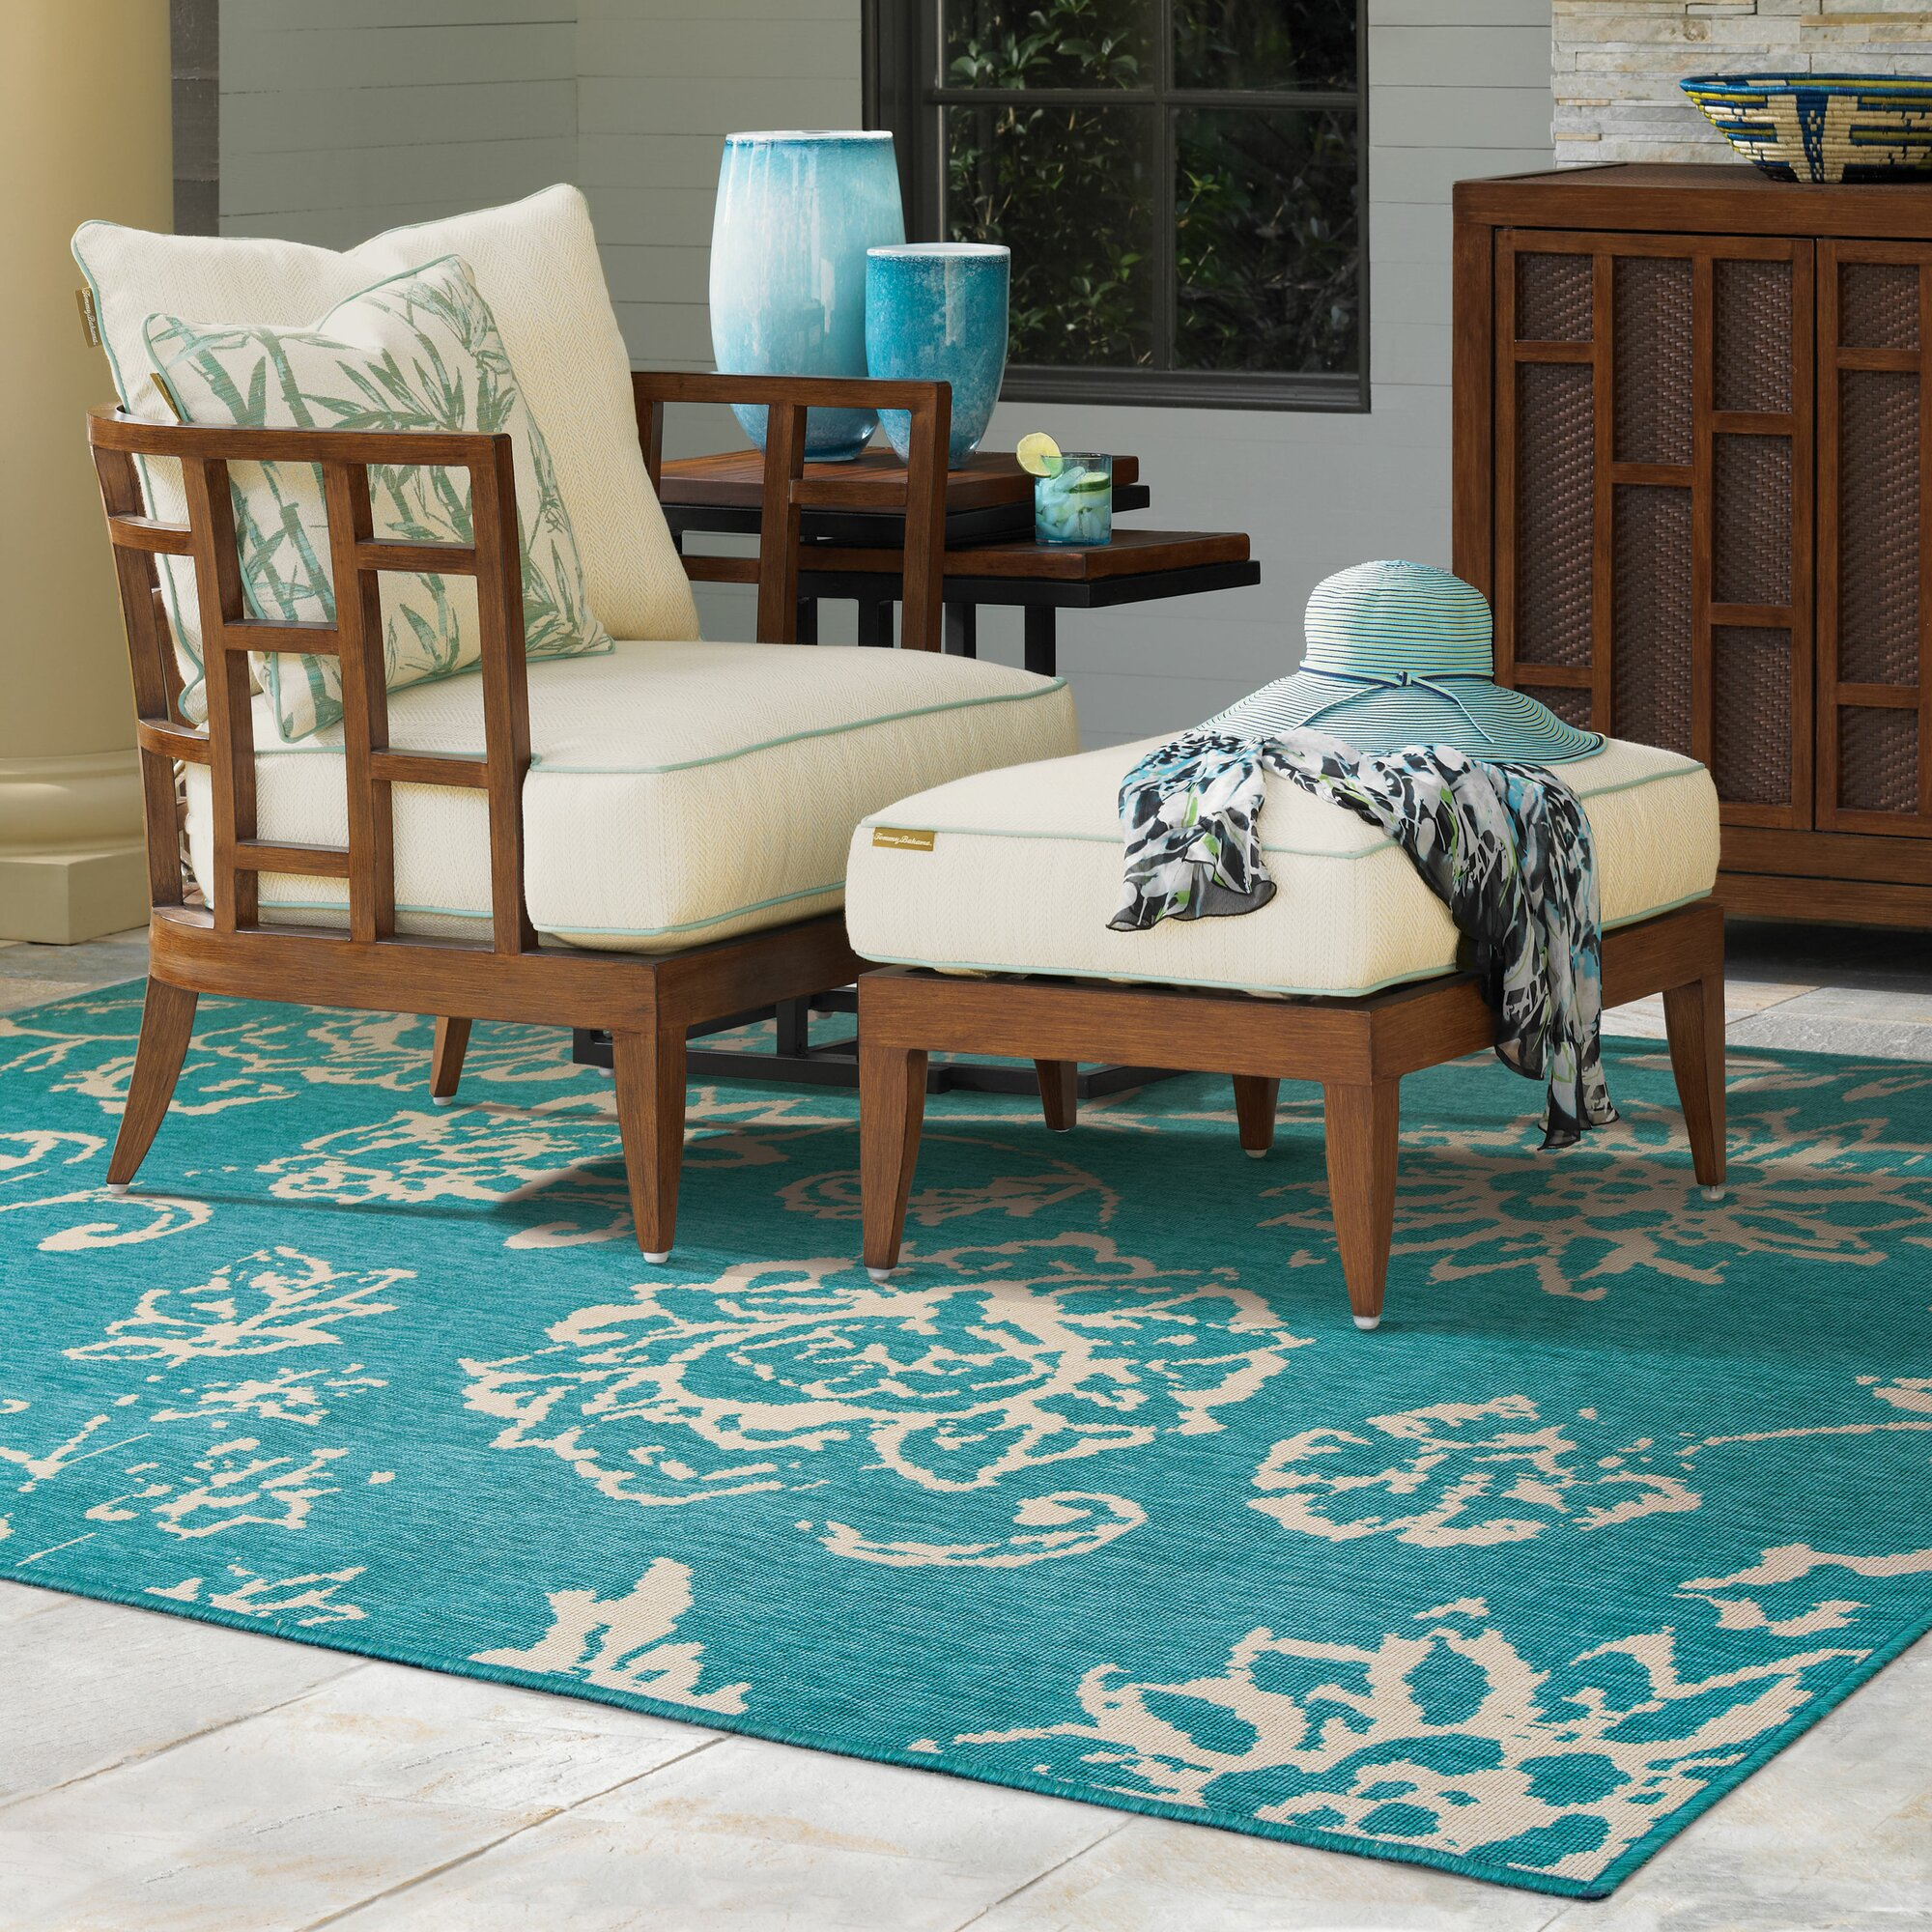 Tommy Bahama Home Seaside Teal/Beige Indoor/Outdoor Area